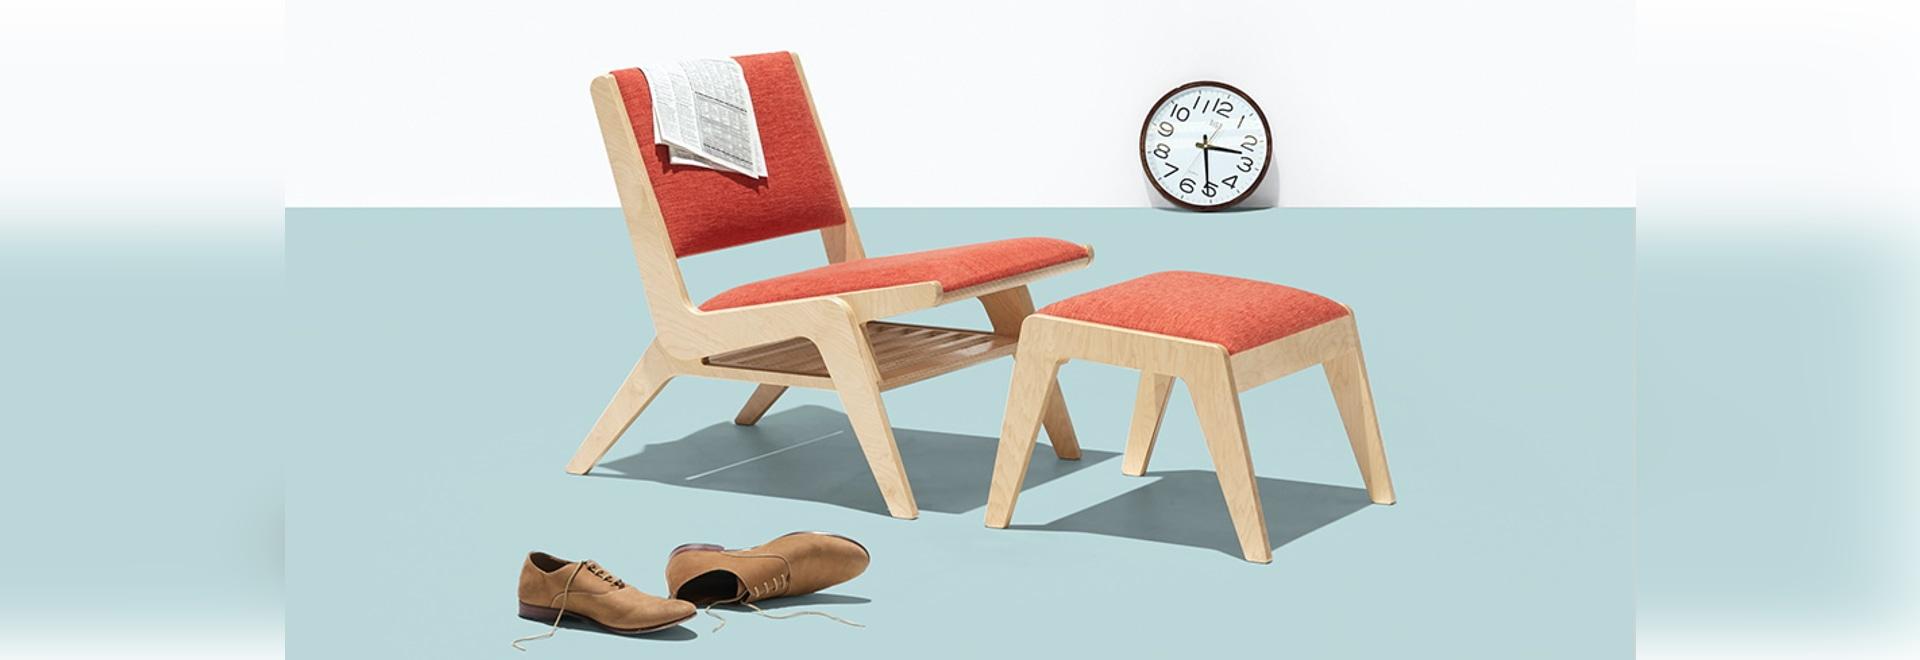 Possiedi un pezzo della nuova collezione di mobili Usonia di Frank Lloyd Wright